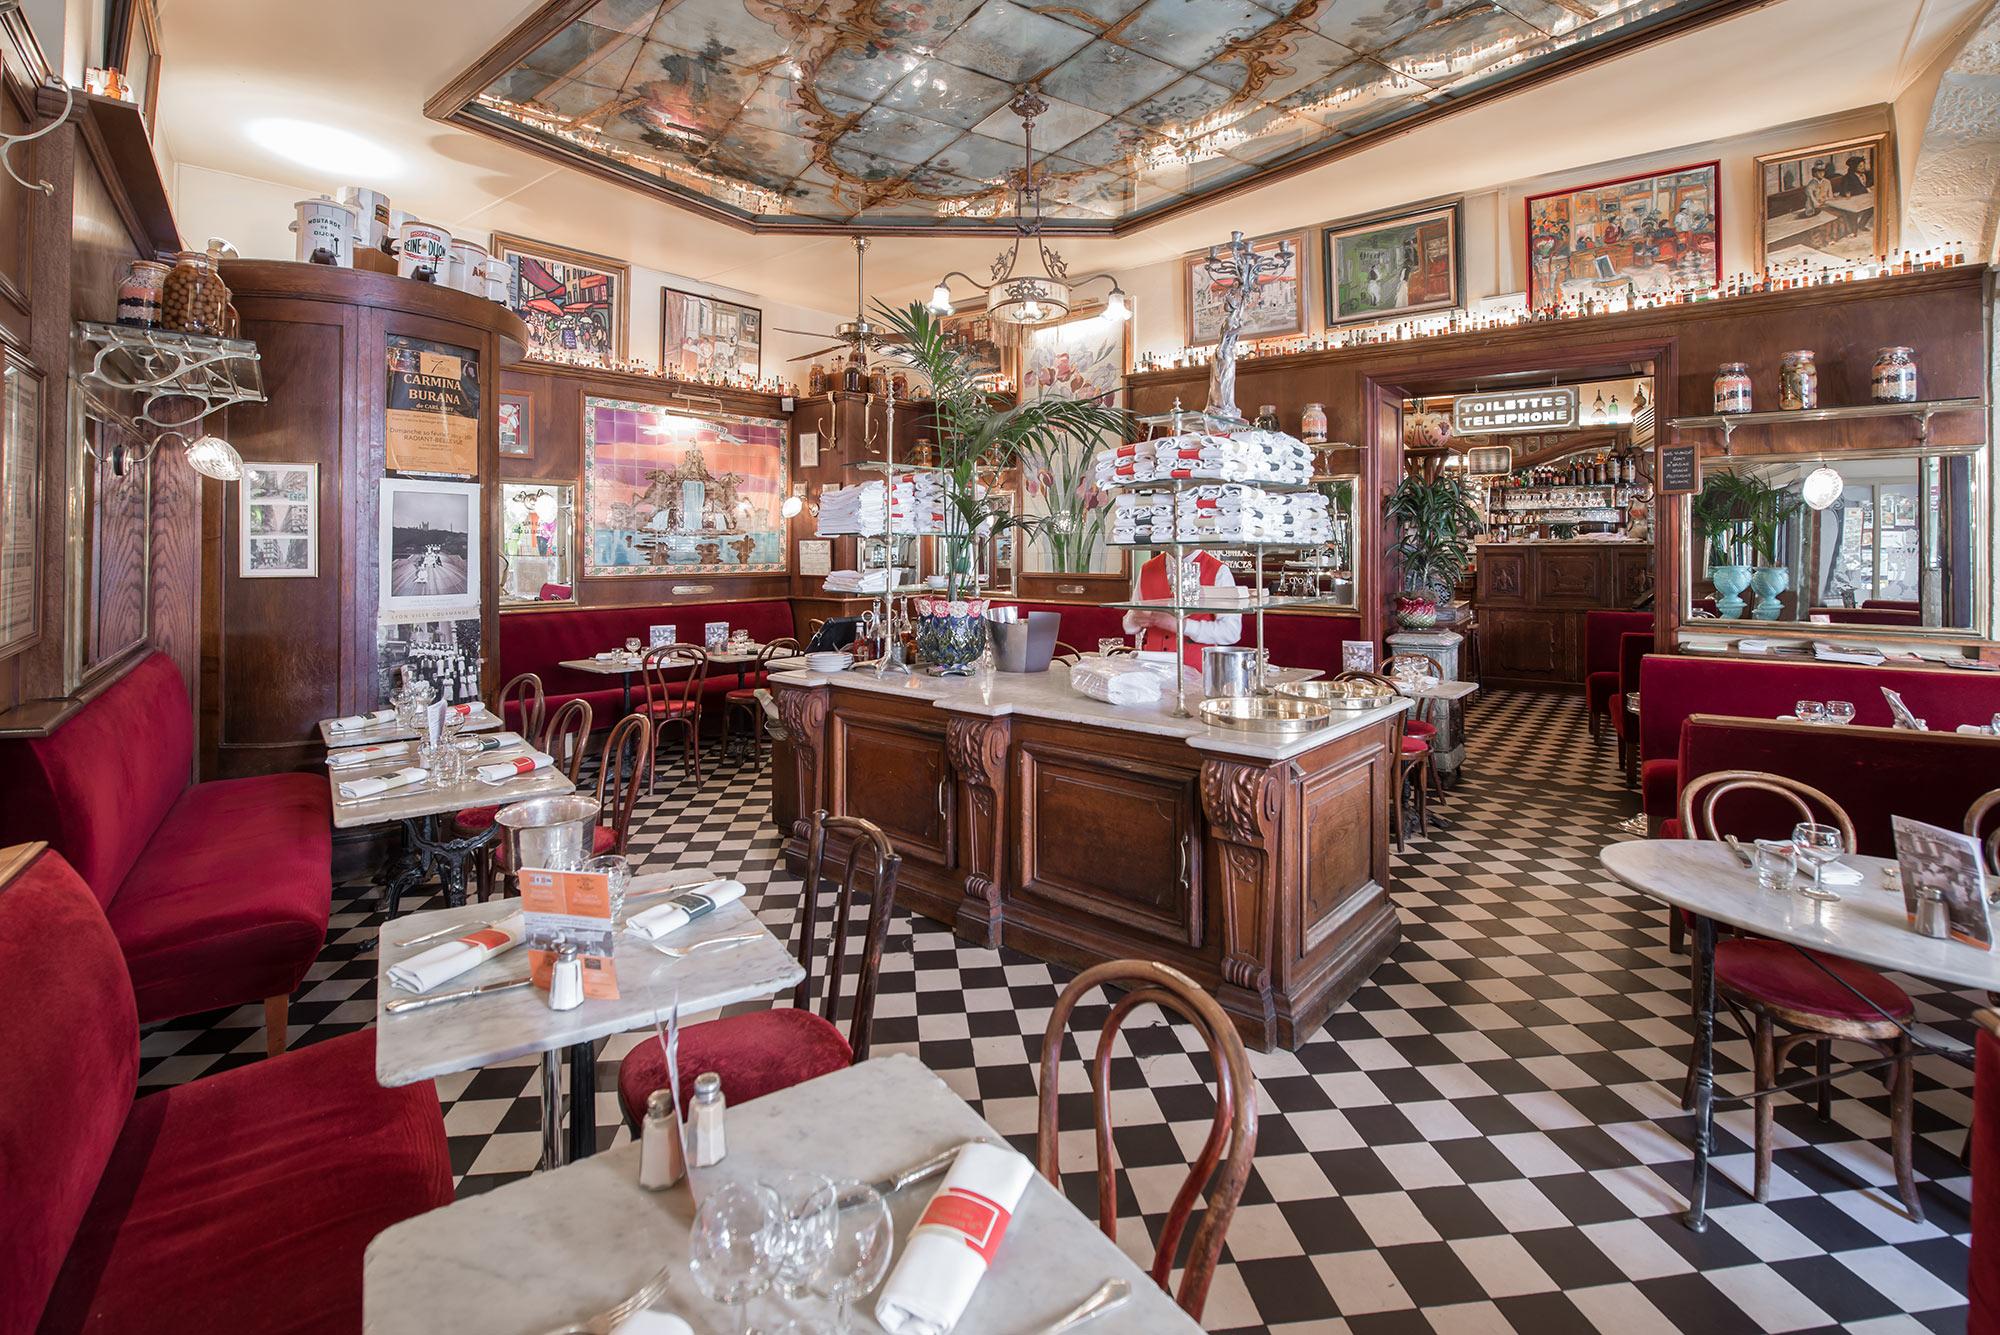 Salle de restaurant bistro, carrelage noir et blanc, îlot central, peinture au plafond, serveur en tablier et meuble en bois